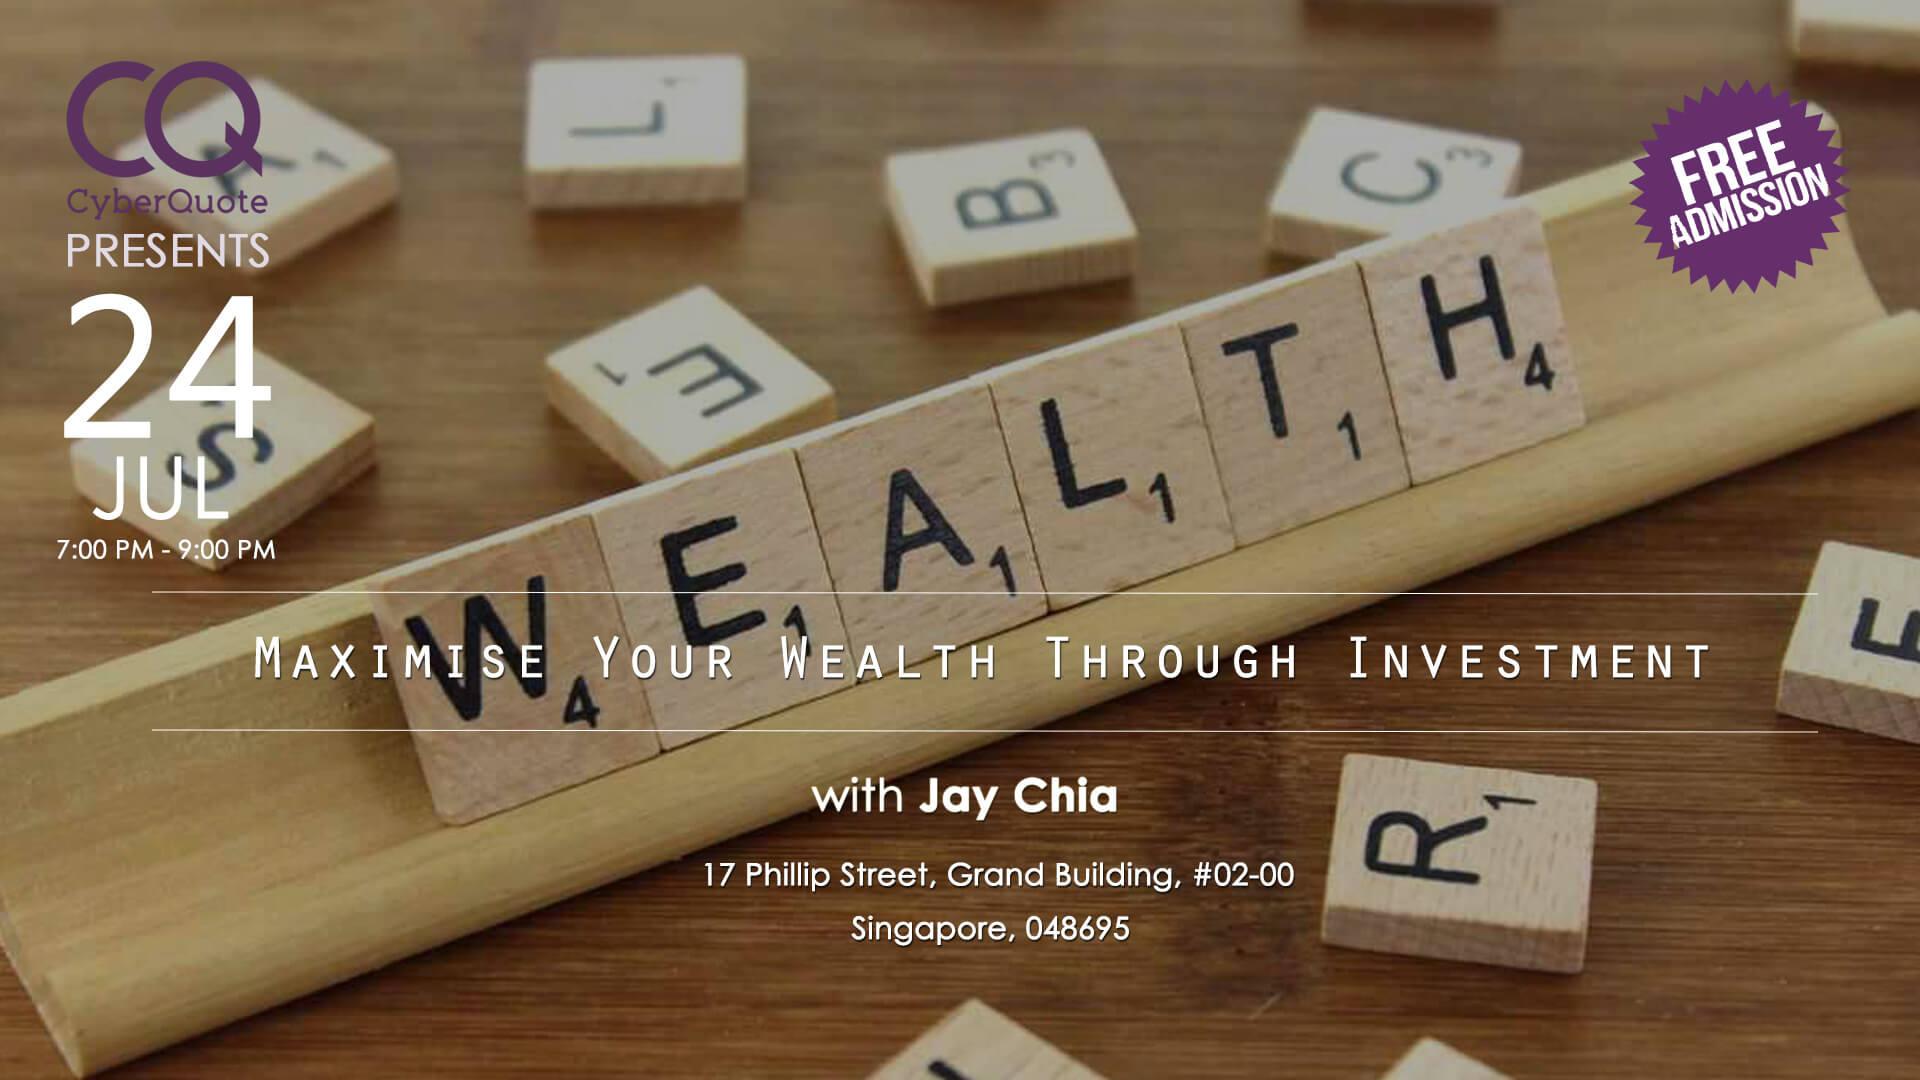 Free Seminars Eventbrite Cover MIW Maximise Your Wealth